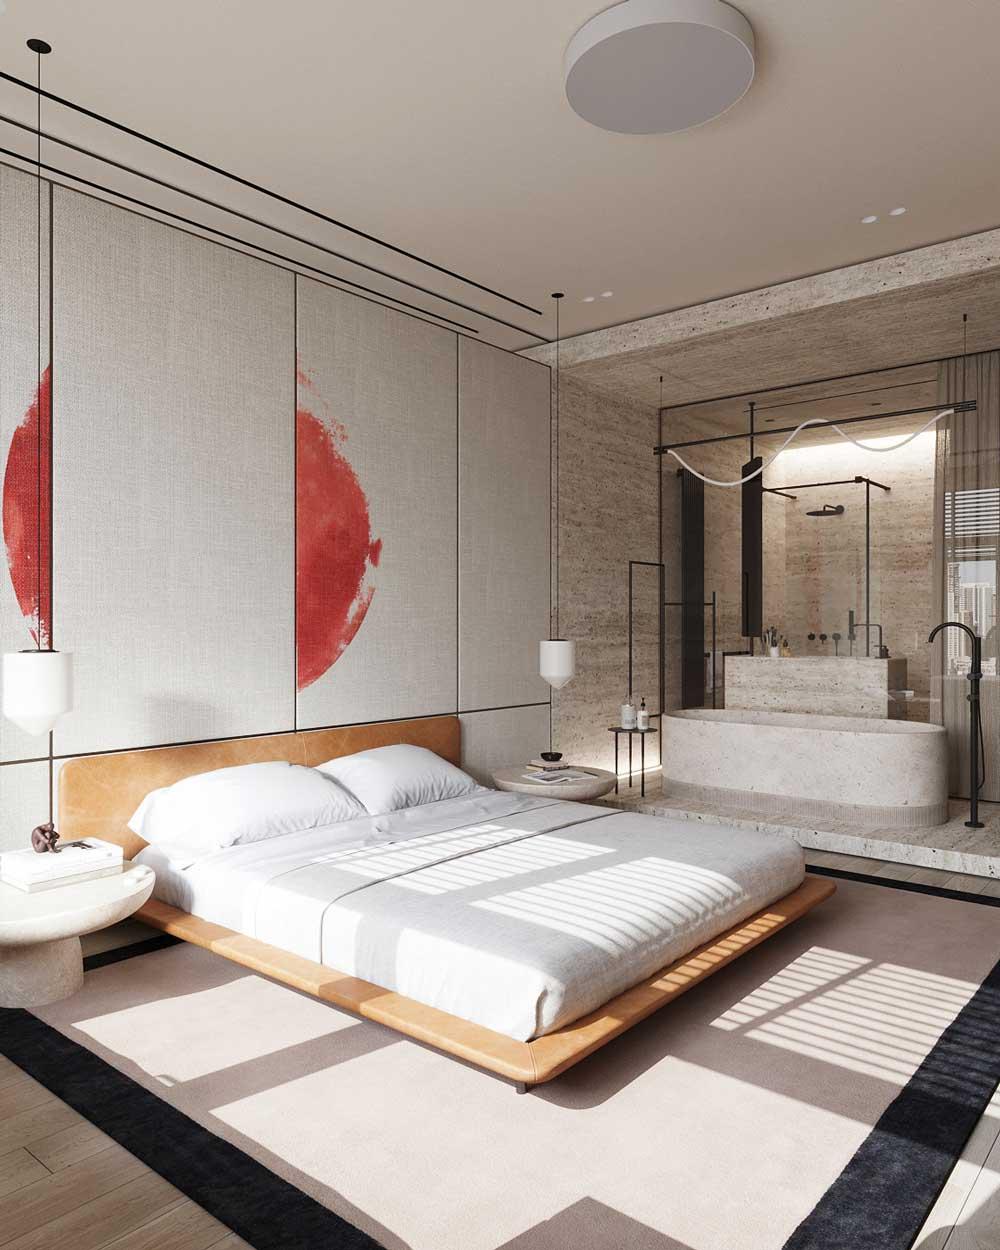 Une suite parentale avec un grand lit et un espace salle de bain en pierre